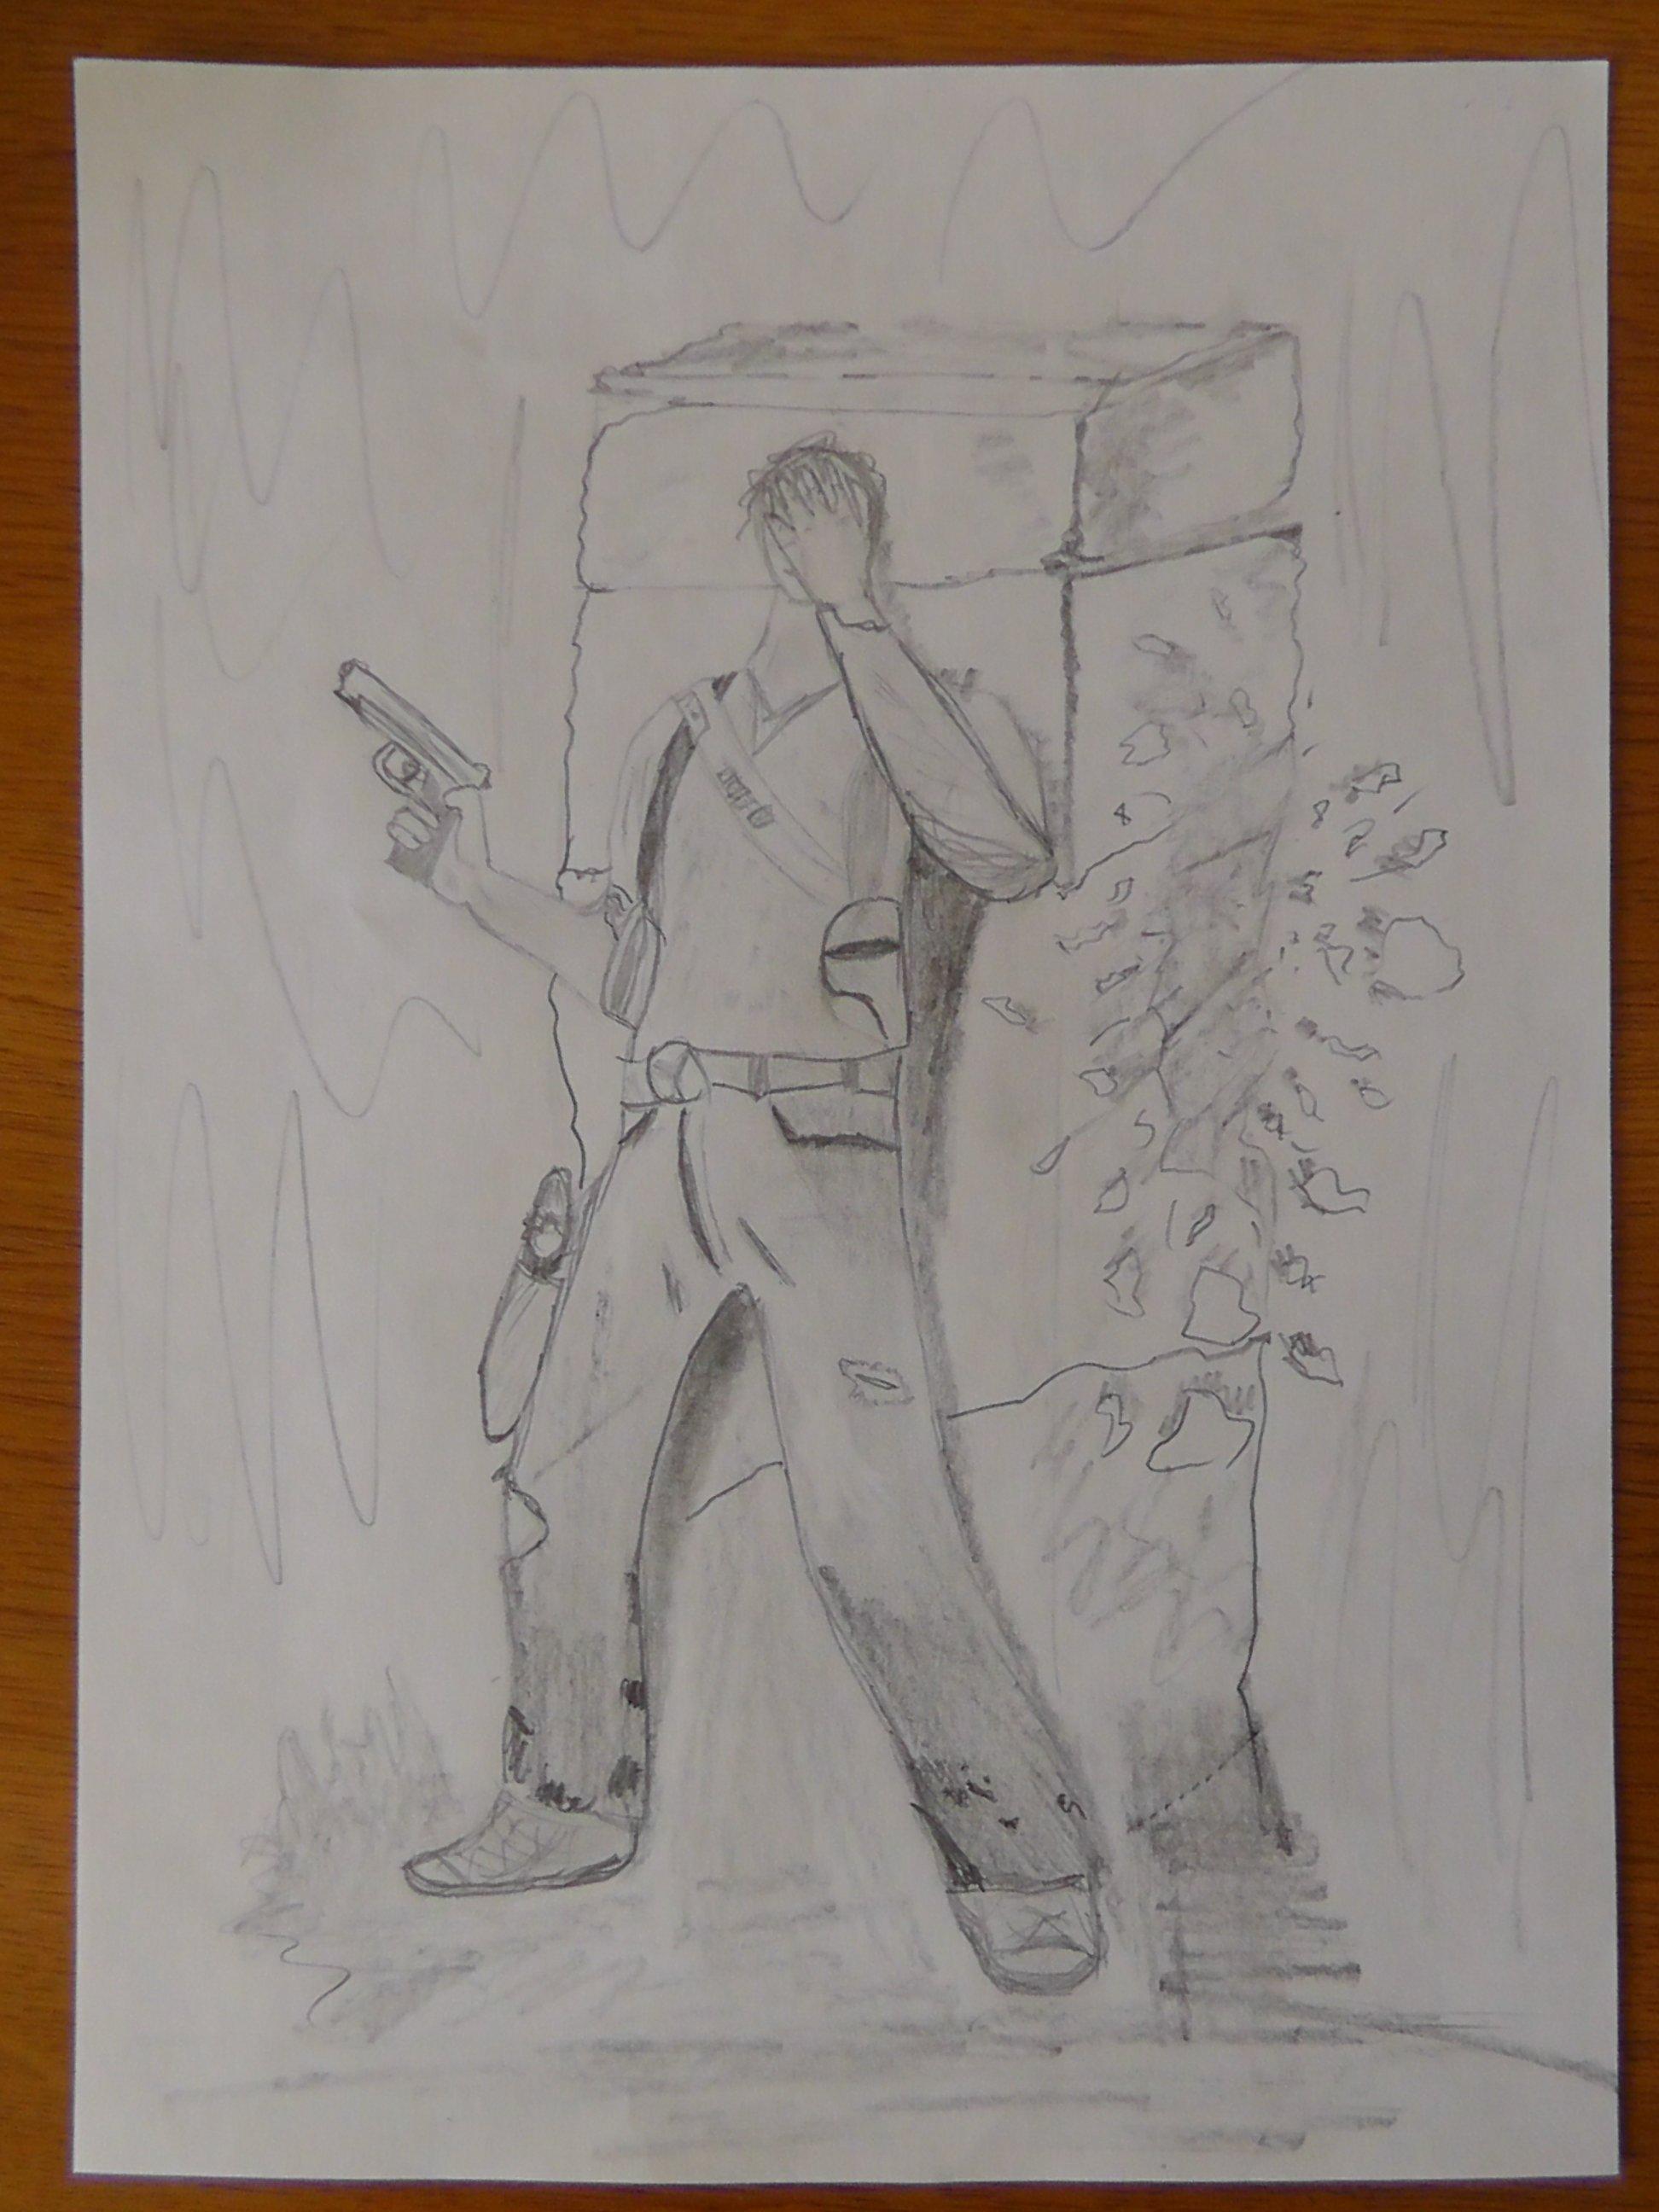 Рисую не важно, решил Написать  небольшой рассказ и картинку, выполненную карандашом.  - ..Запись 241..Место: у черт ... - Изображение 1